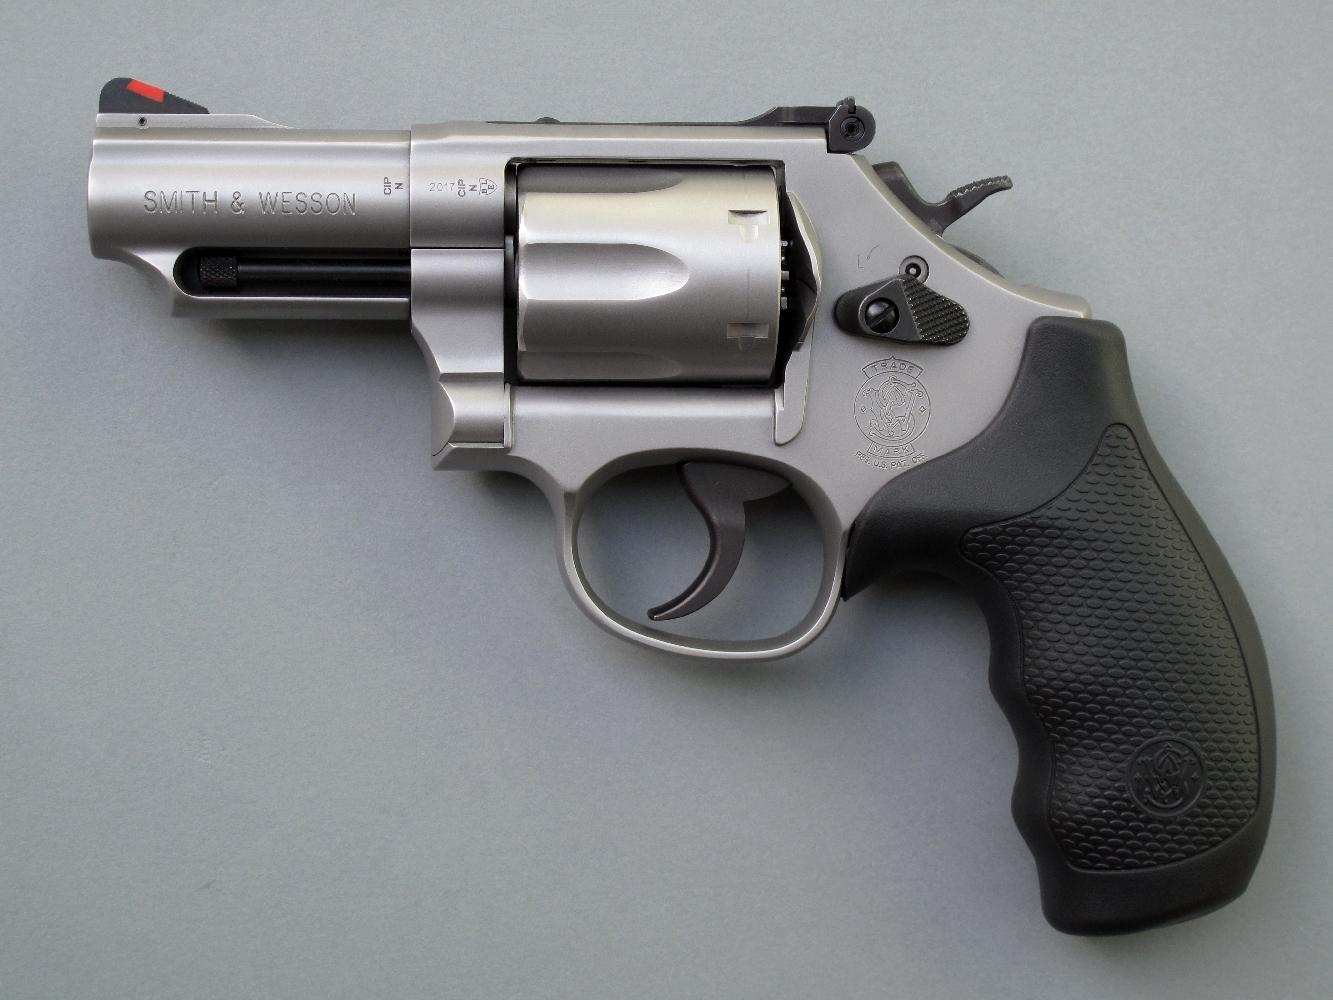 Le S&W modèle 66-8 est un revolver de service auquel son canon très court confère une grande maniabilité, tandis que sa réalisation en acier inoxydable le met l'arme à l'abri de la corrosion.